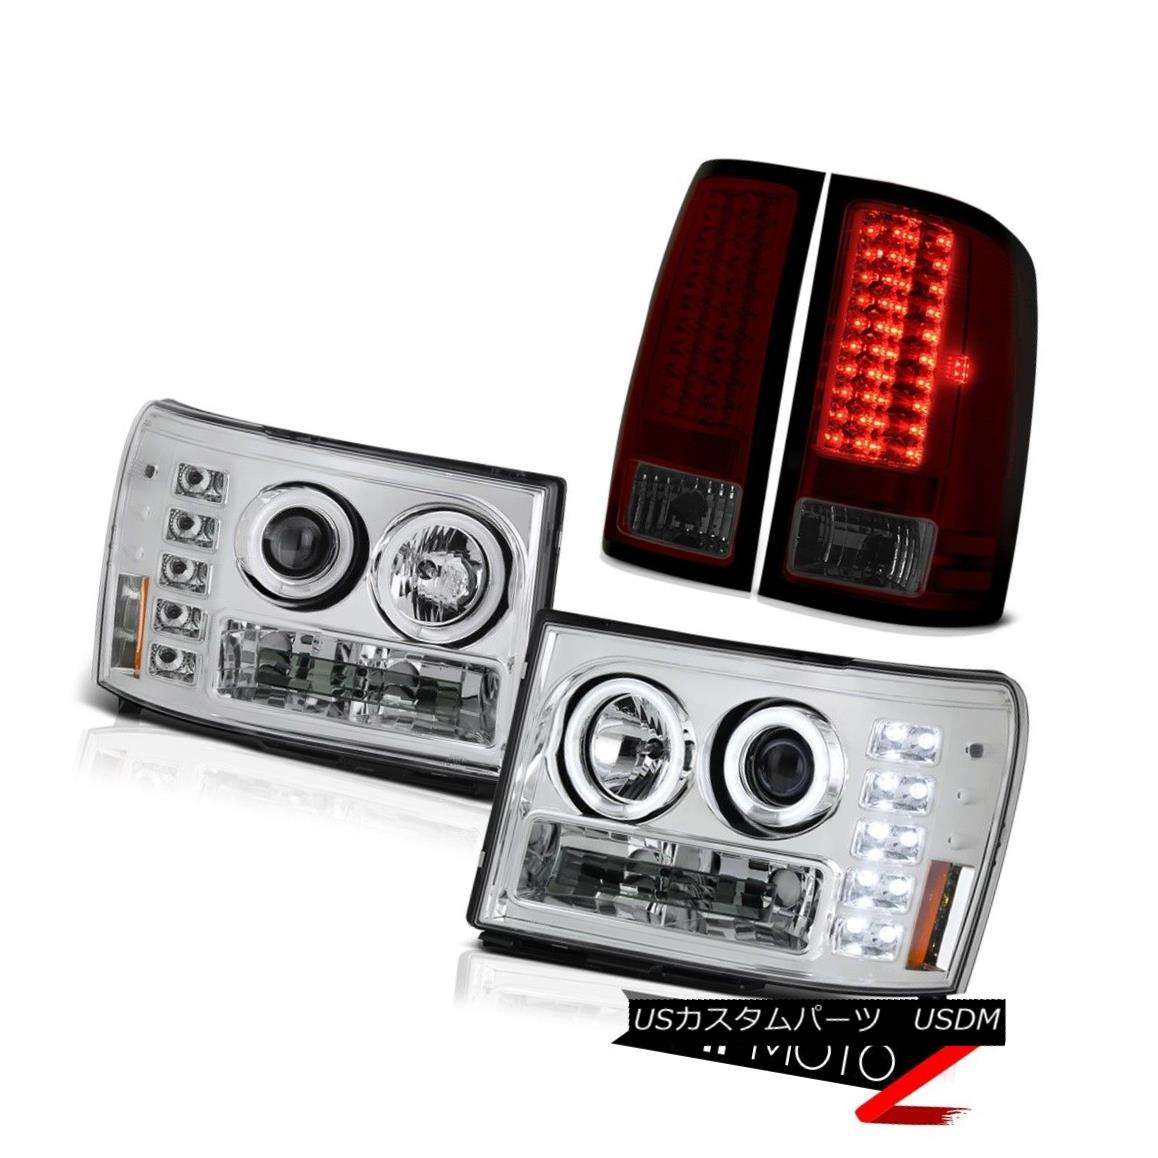 テールライト Brightest 2x CCFL Halo Ring Headlights LED Tail Lights GMC Sierra 2500HD Denali 最も明るい2x CCFLハローリングヘッドライトLEDテールライトGMC Sierra 2500HD Denali